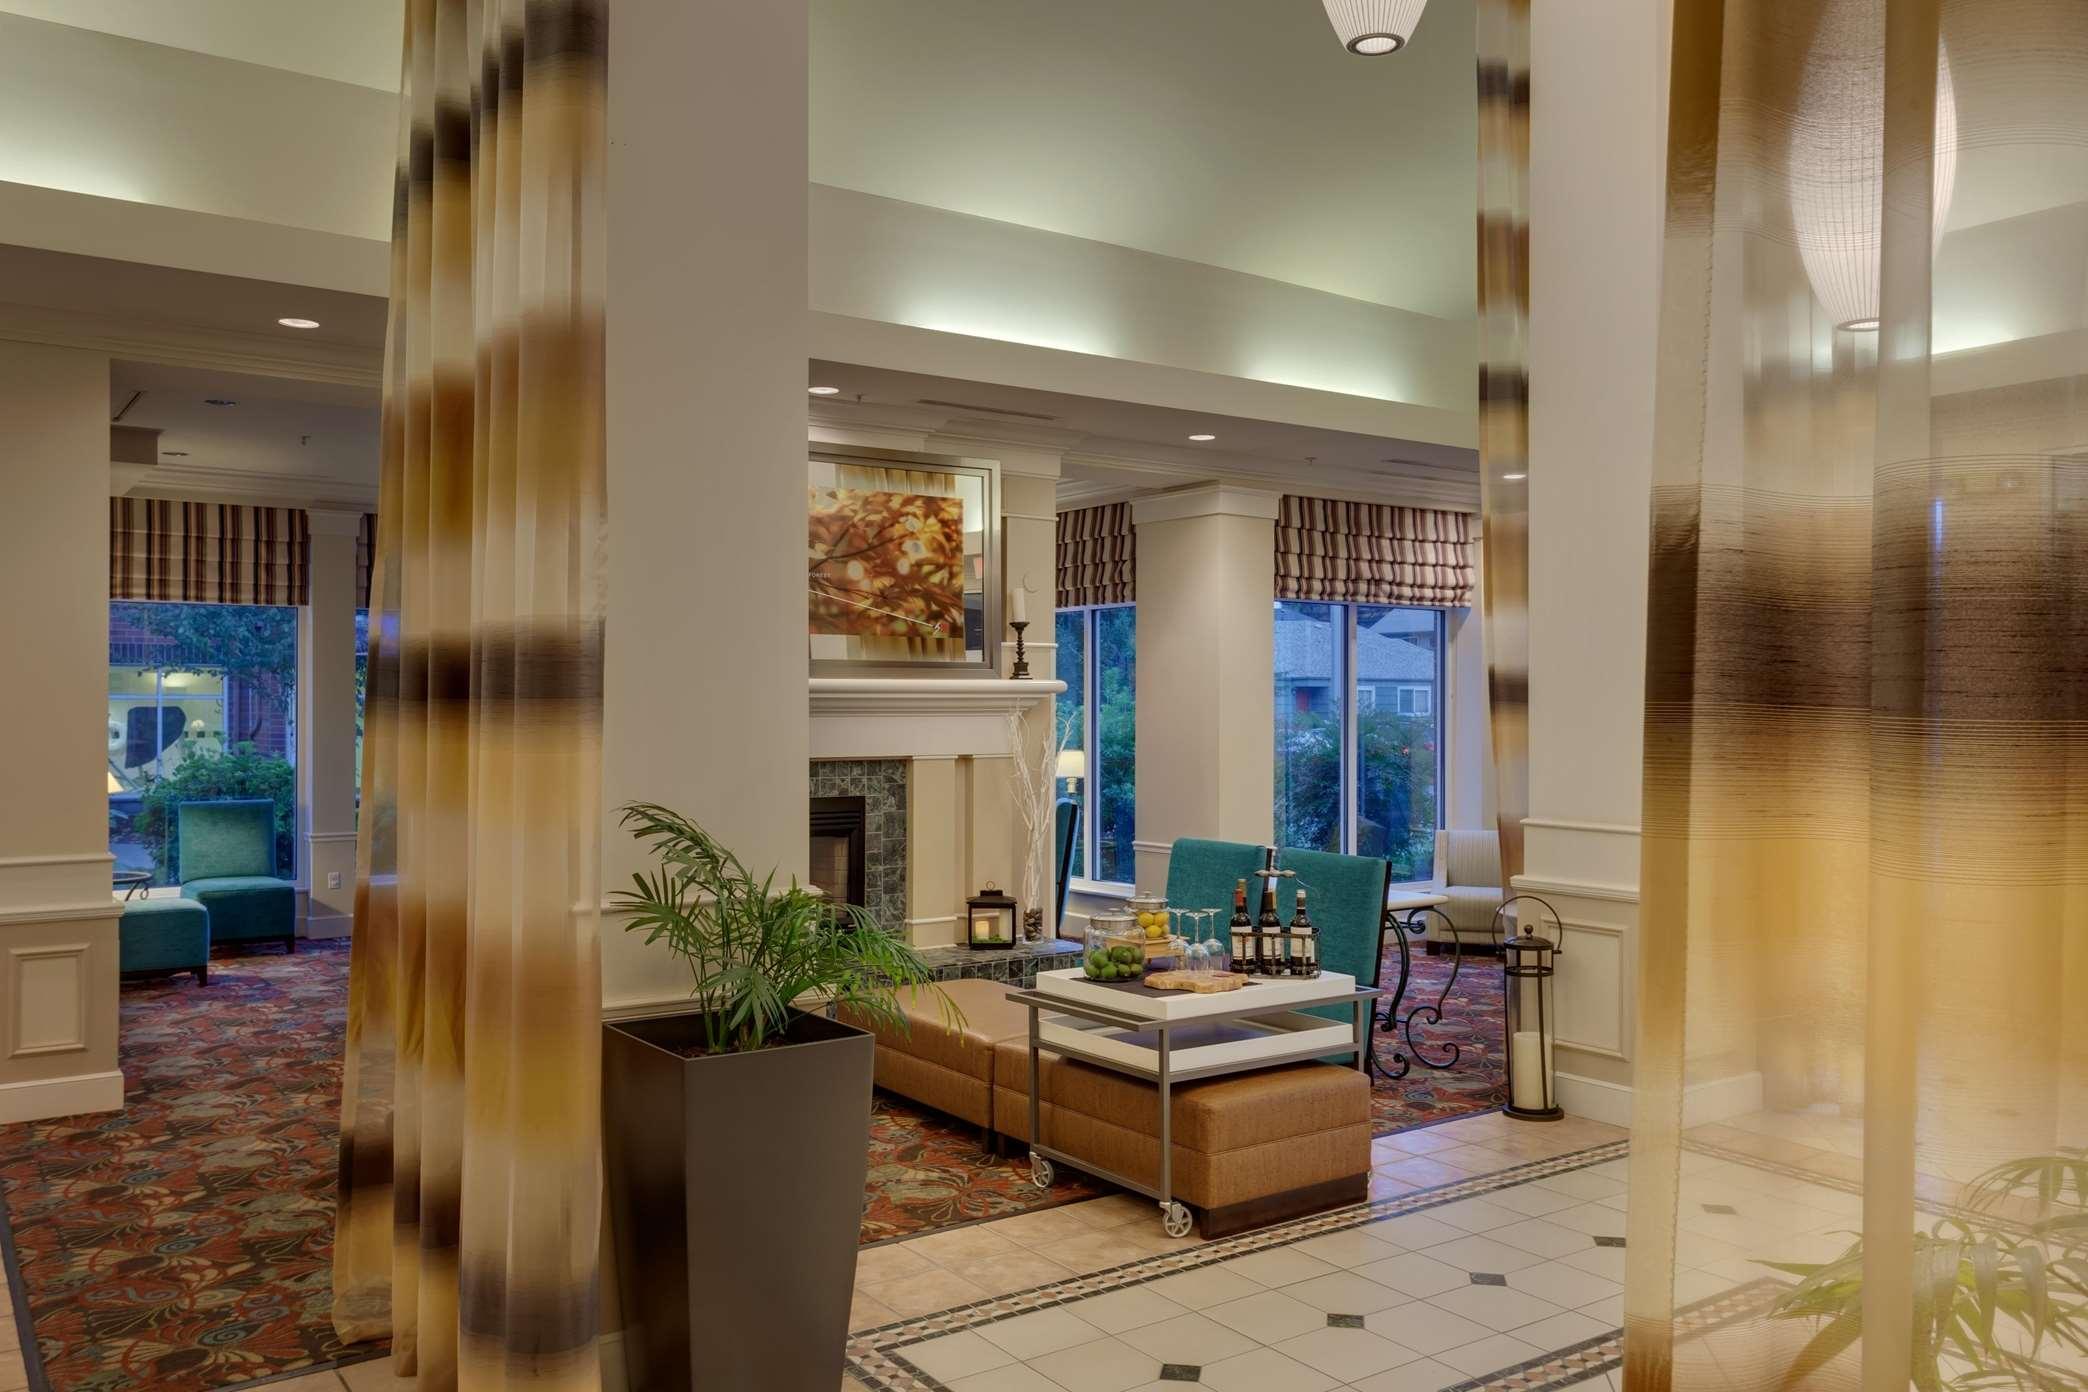 Hilton Garden Inn Corvallis - Corvallis, OR